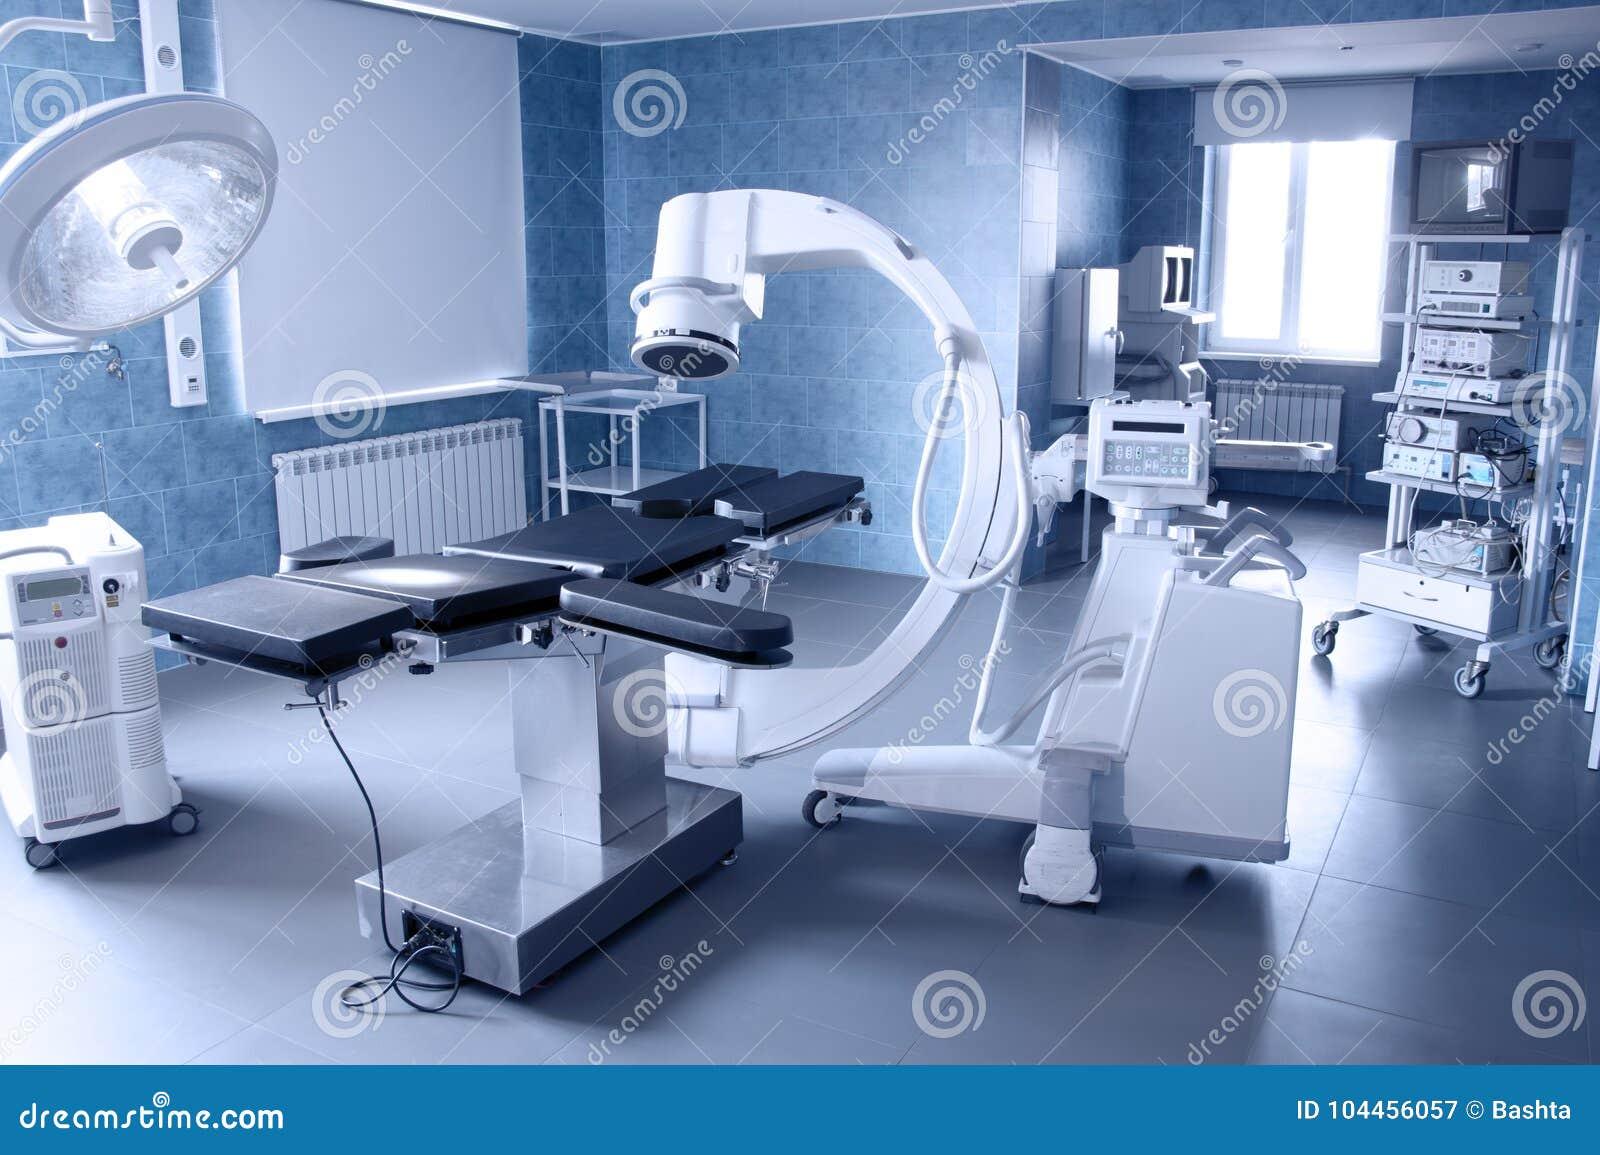 Operating больницы Медицинское оборудование